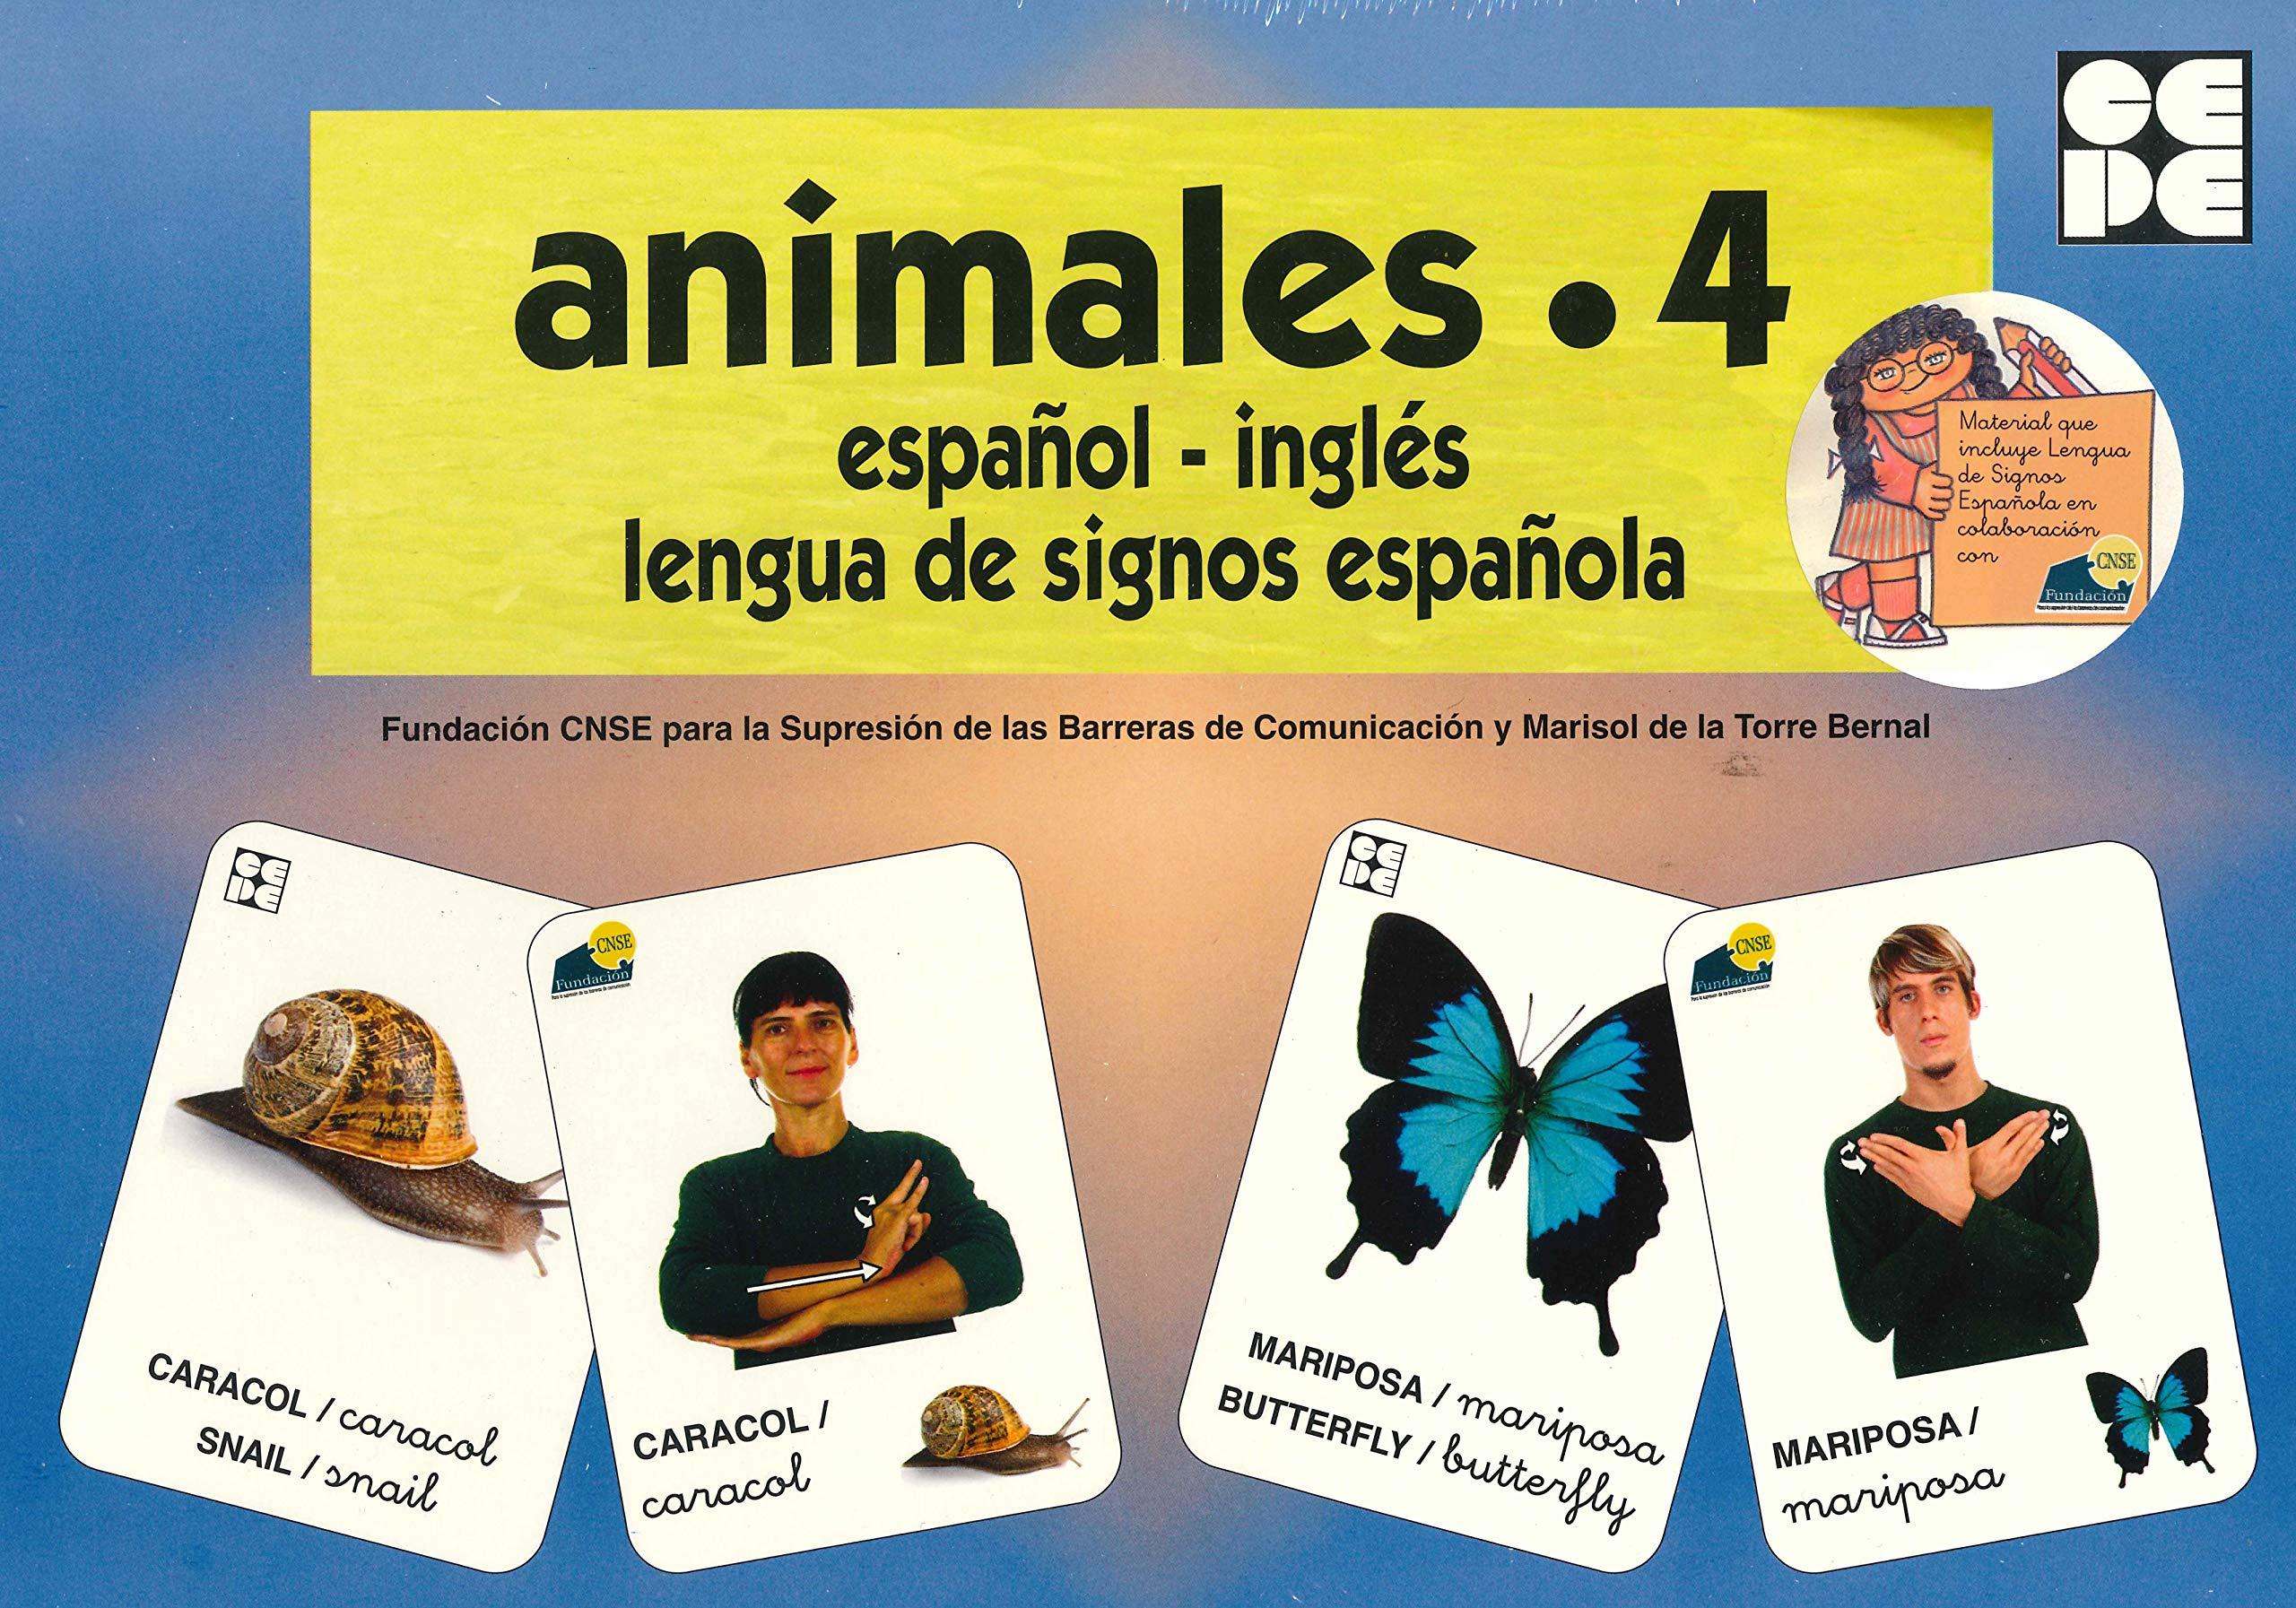 Vocabulario fotográfico elemental - Animales 4 insectos Vocabulario fotográfico elemental español,inglés,lengua de signos española: Amazon.es: CNSE, Fundación, de la Torre Bernal, Marisol: Libros